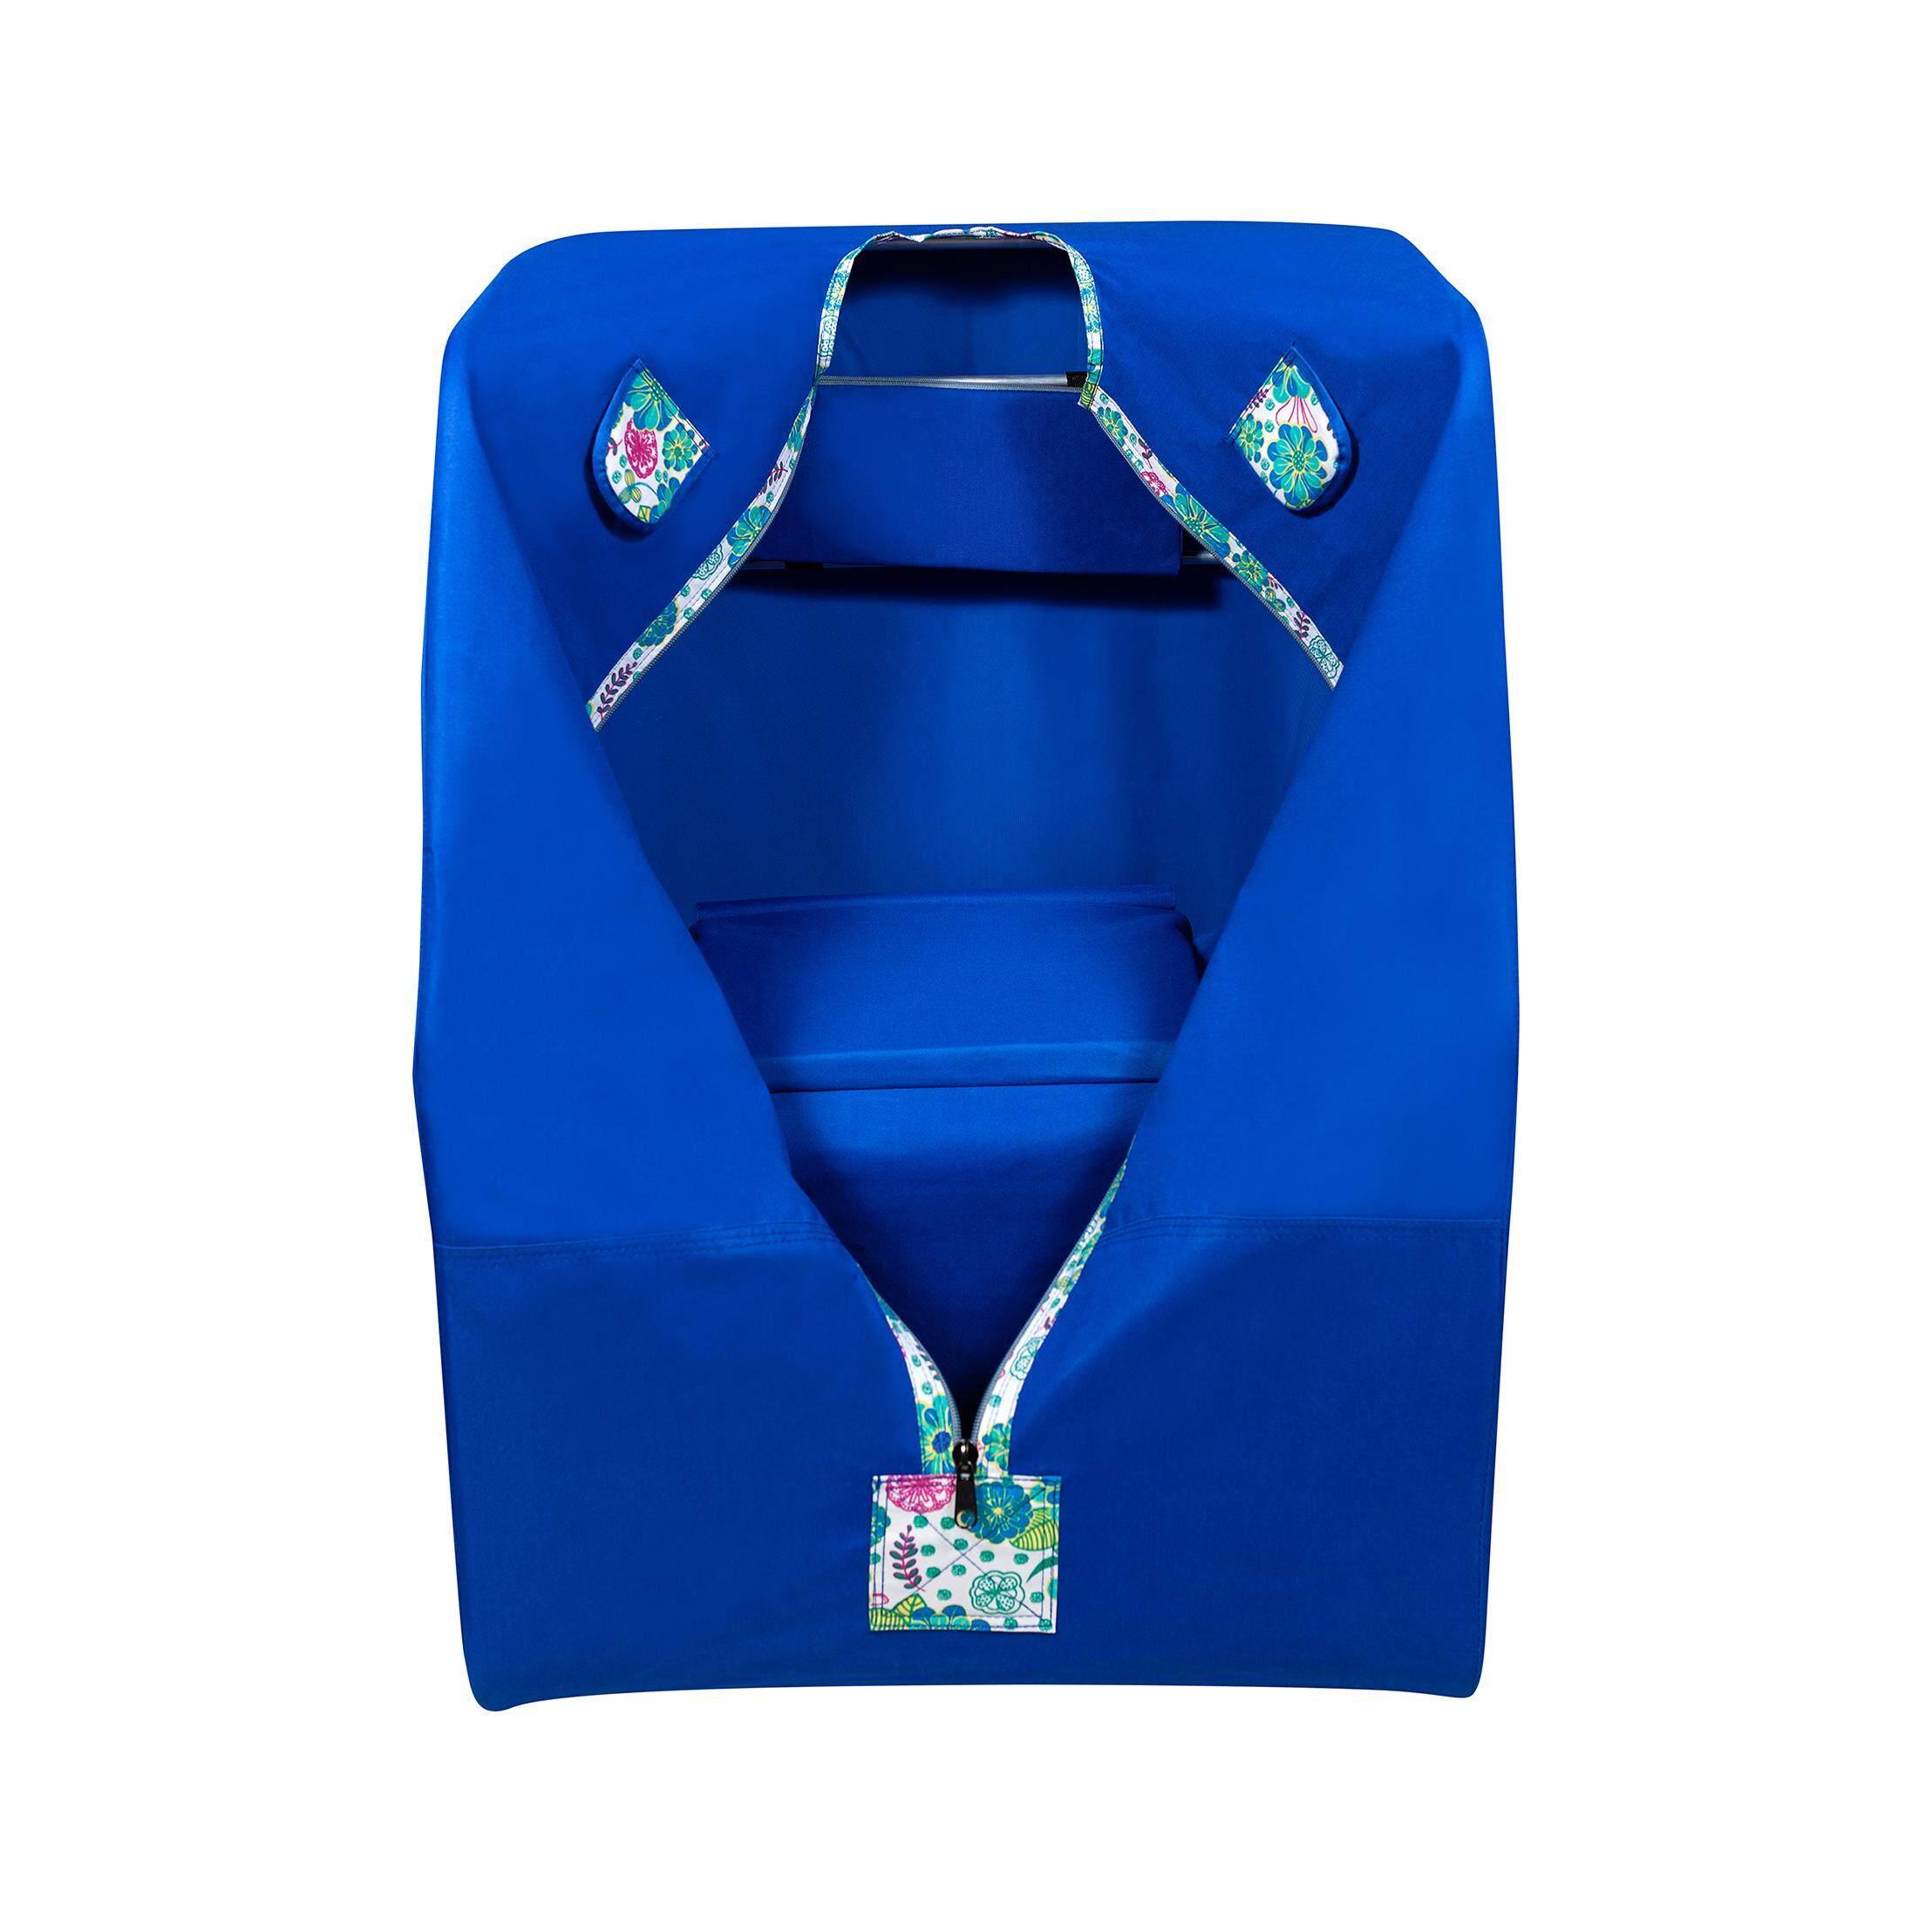 ตู้อบไอน้ำ N.03 Blue โสมสอางค์ Somsa-ang